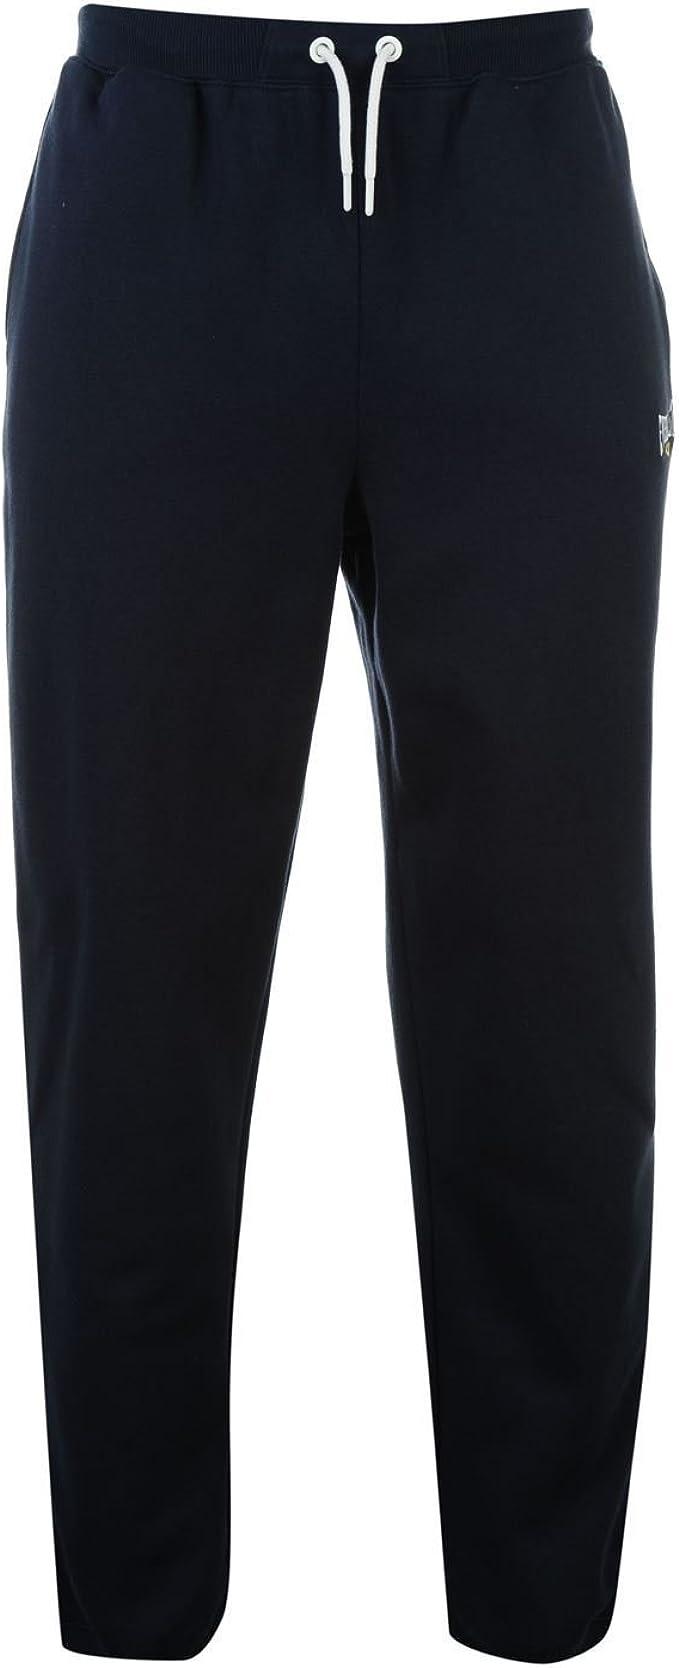 Everlast para hombre (algodón entrenamiento Jogging pantalones ...